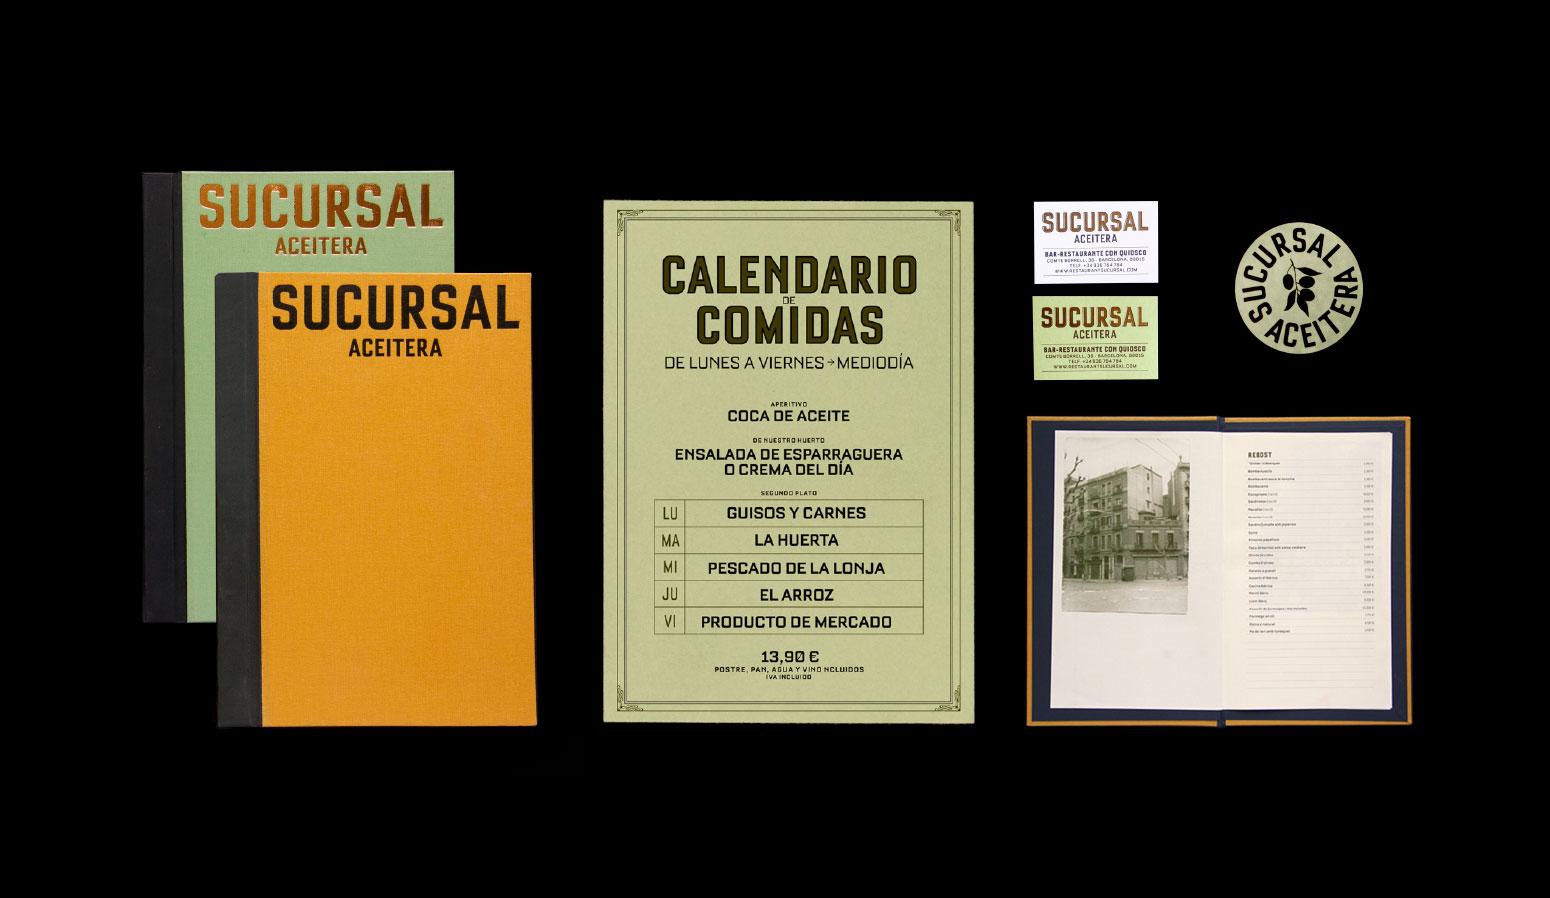 Diseño de cartas y menús, posavasos, tarjetas y otros elementos para el restaurante